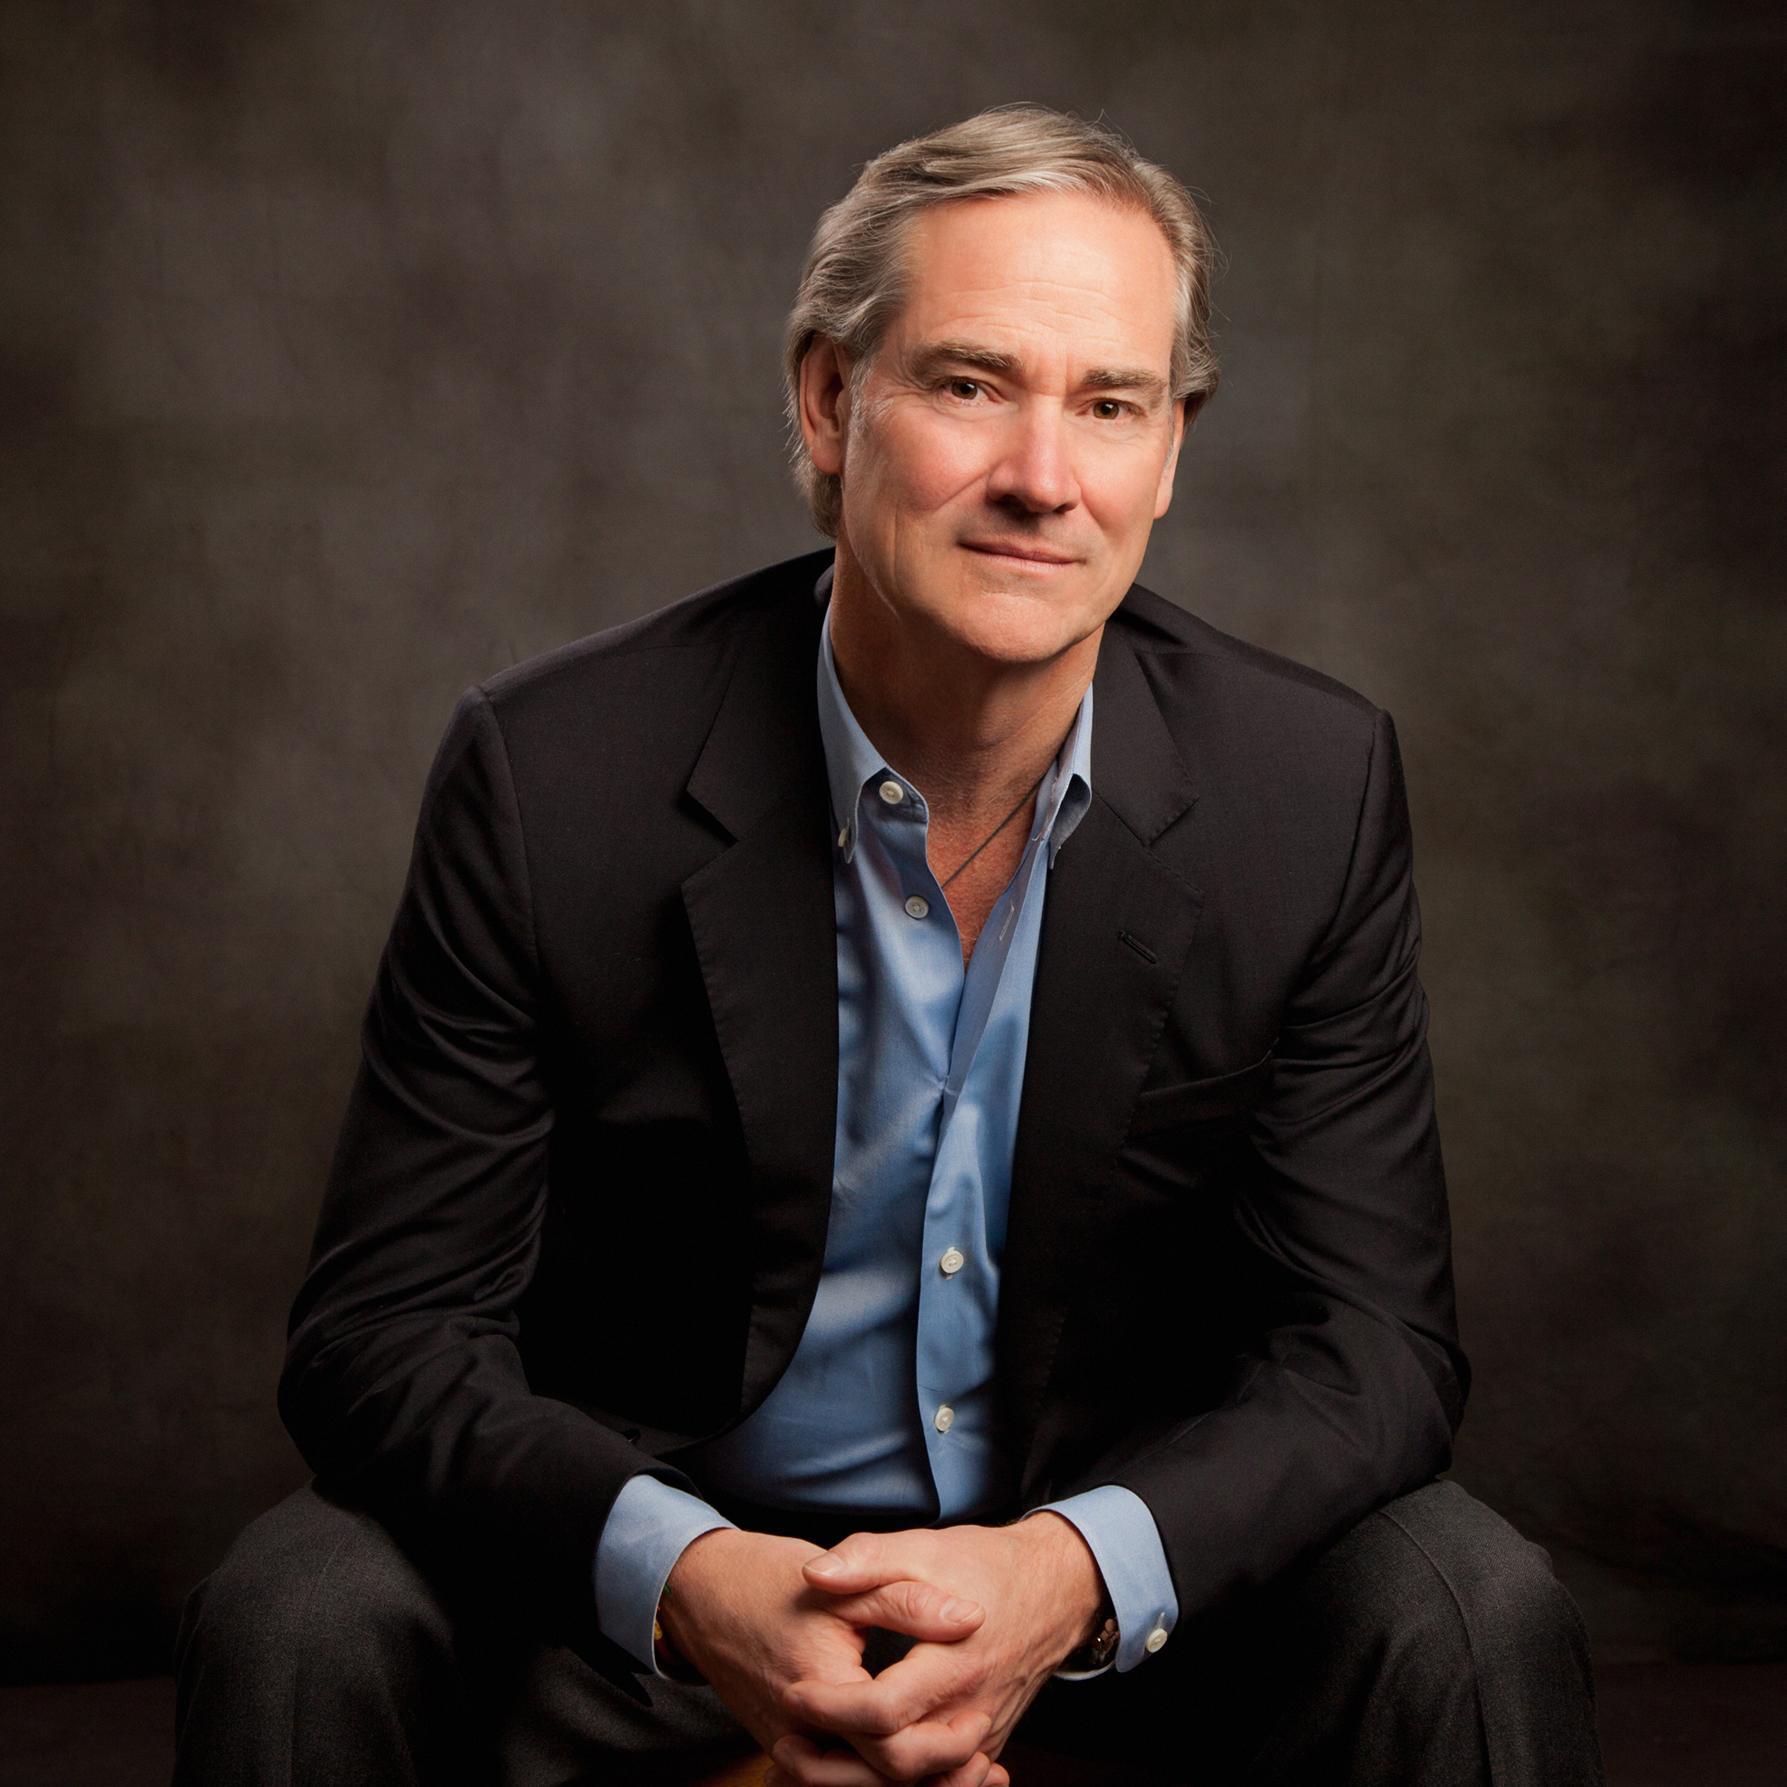 加拿大枫叶食品公司总裁迈克尔·麦凯恩 图自:社交媒体